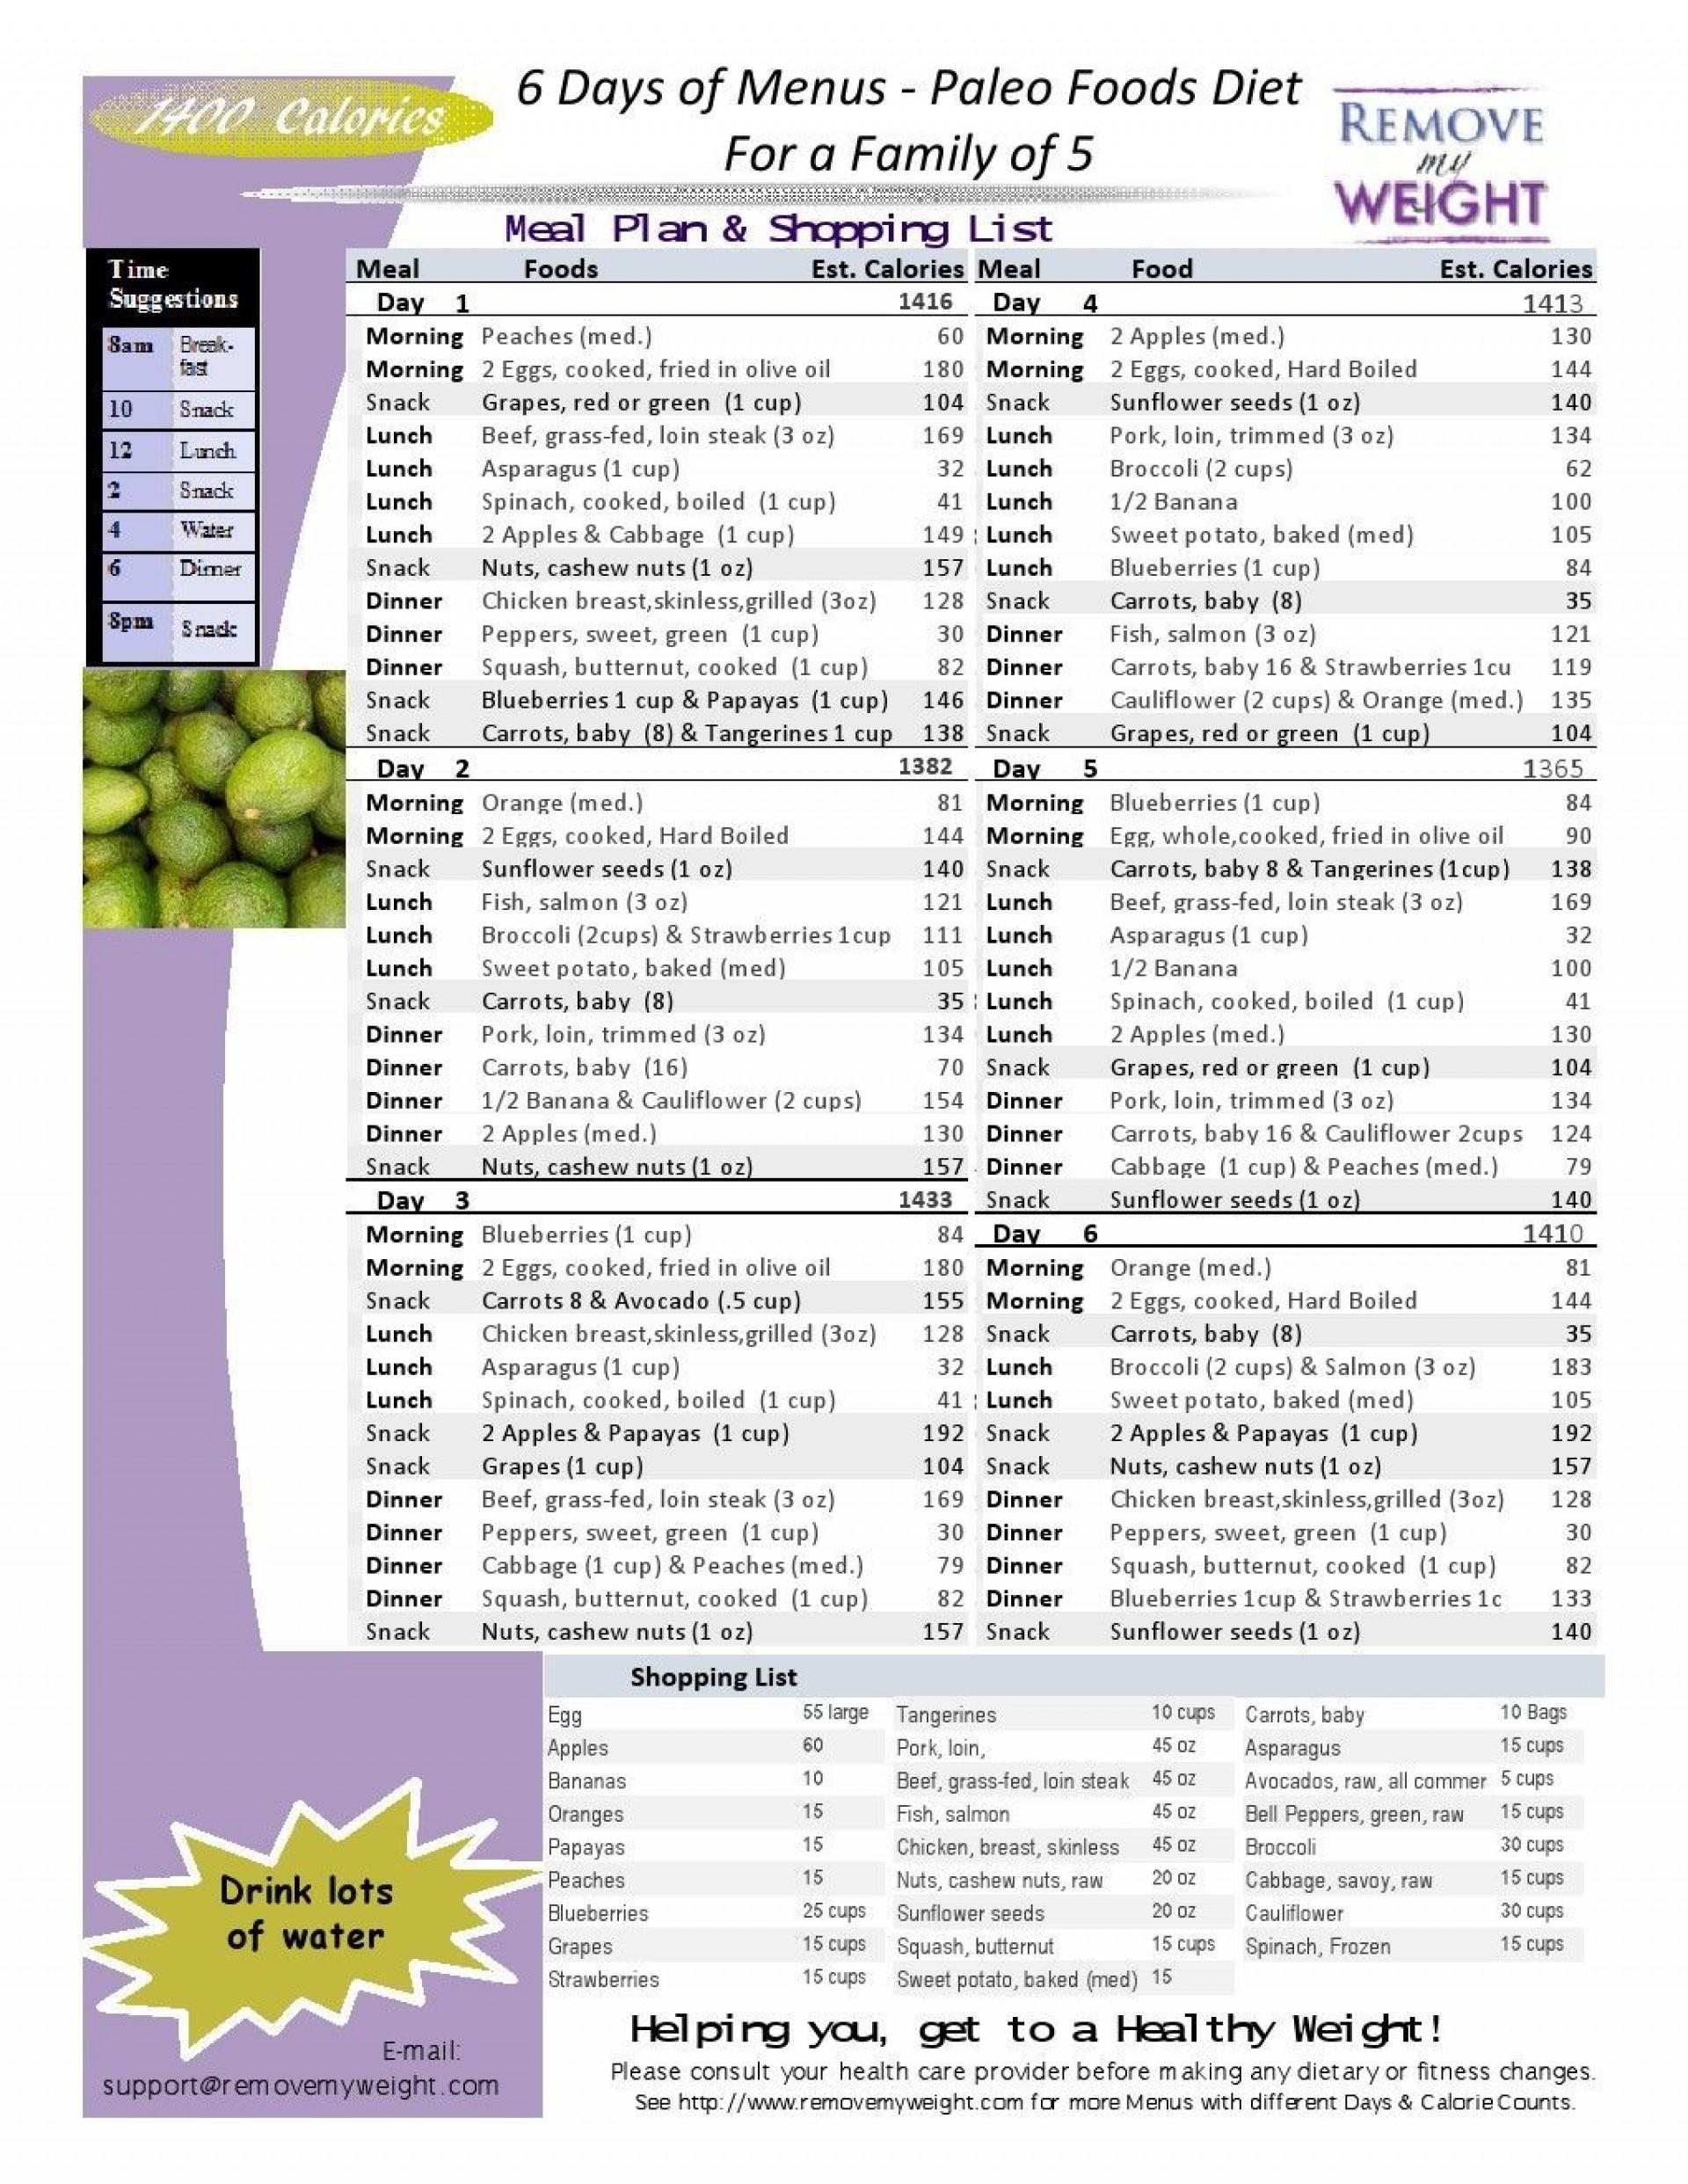 009 Unforgettable 1400 Calorie Sample Meal Plan Pdf Concept 1920